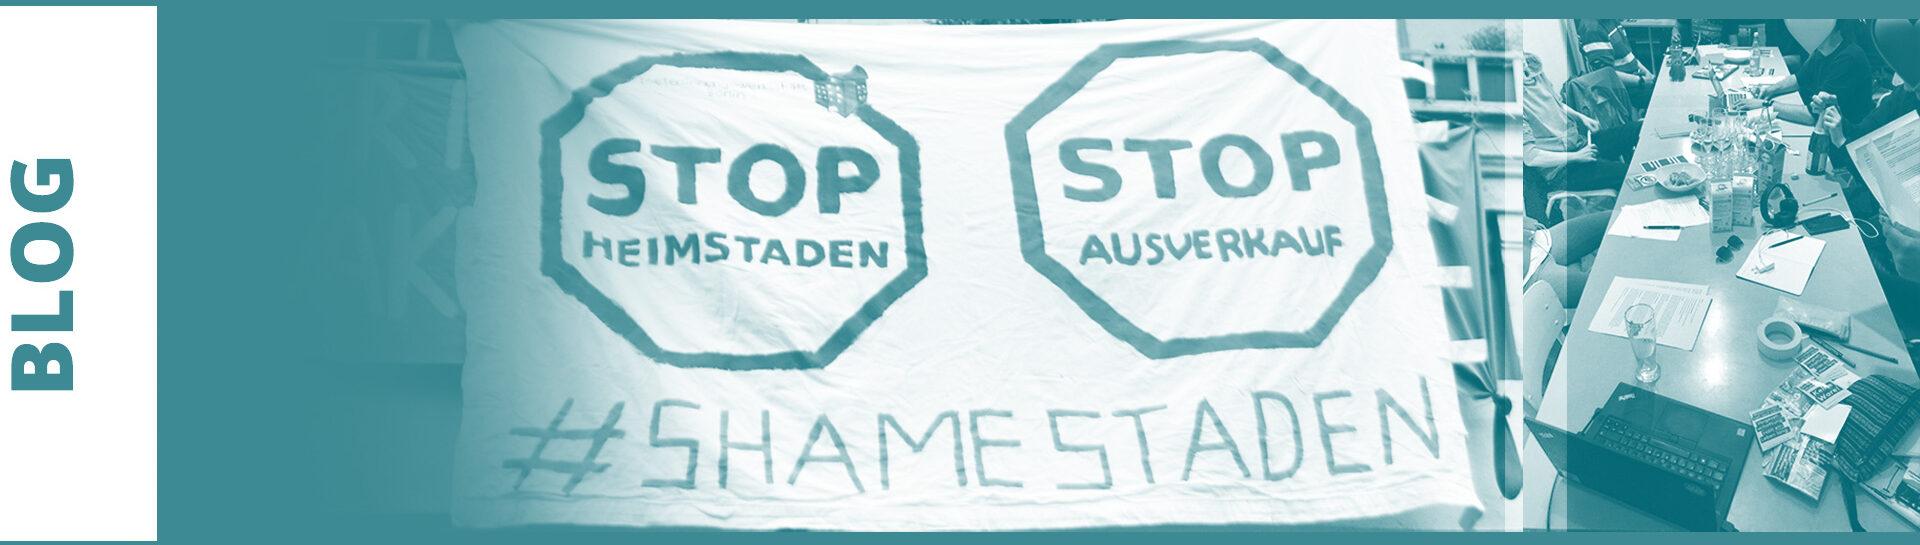 Bild StopHeimstaden Gründung